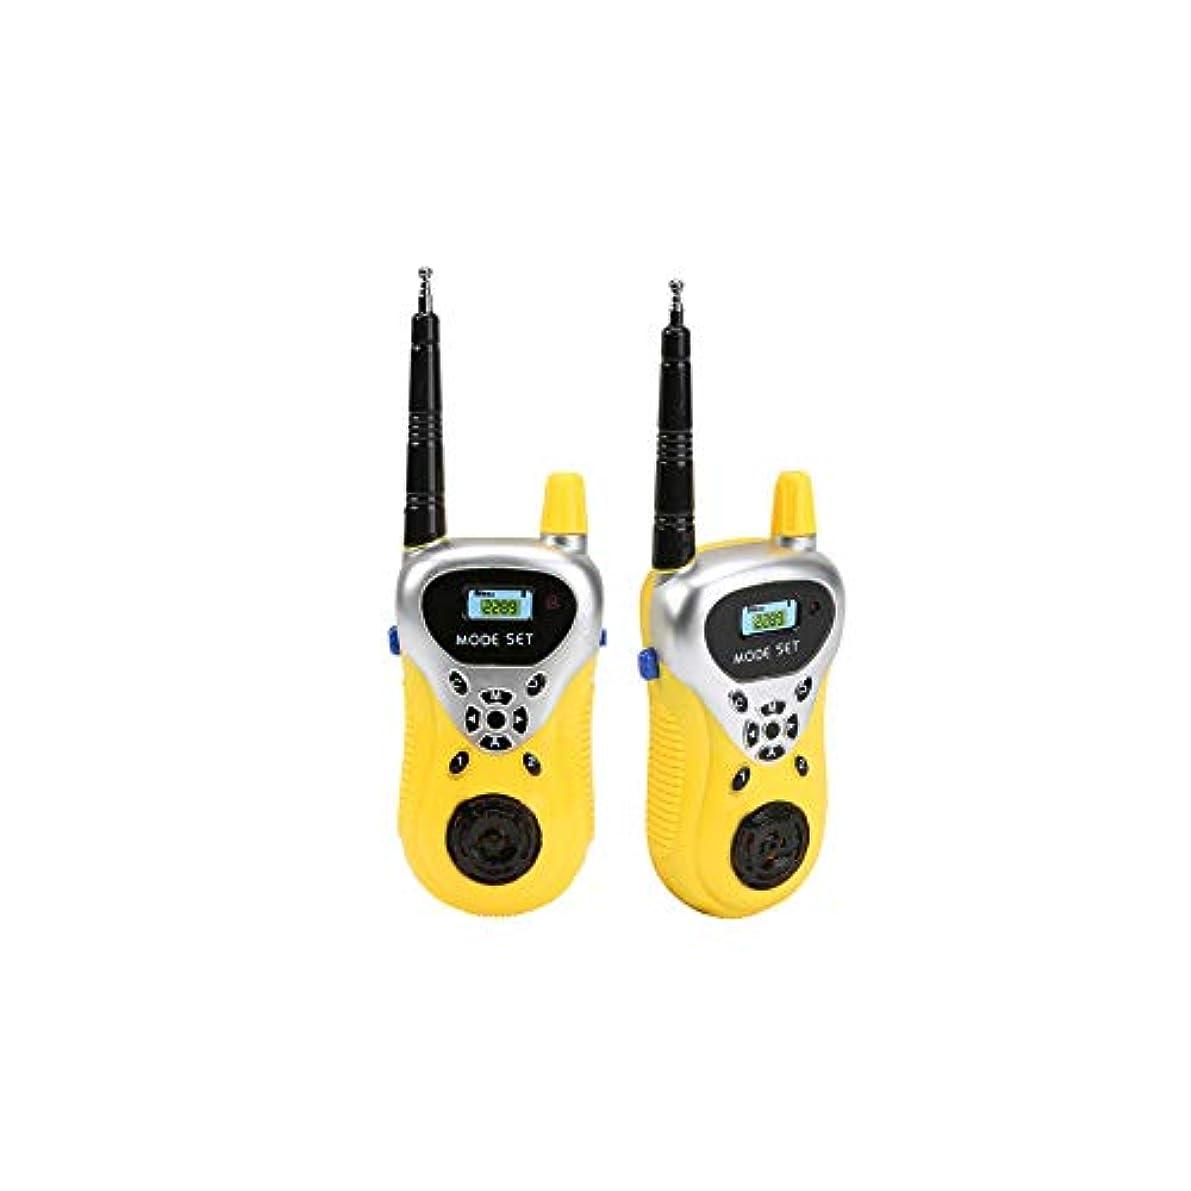 ラインナップ真夜中安定しましたSnner 子供のおもちゃのトランシーバー双方向無線屋外のゲームのインタラクティブ玩具インテリジェント無線トランシーバー黄色